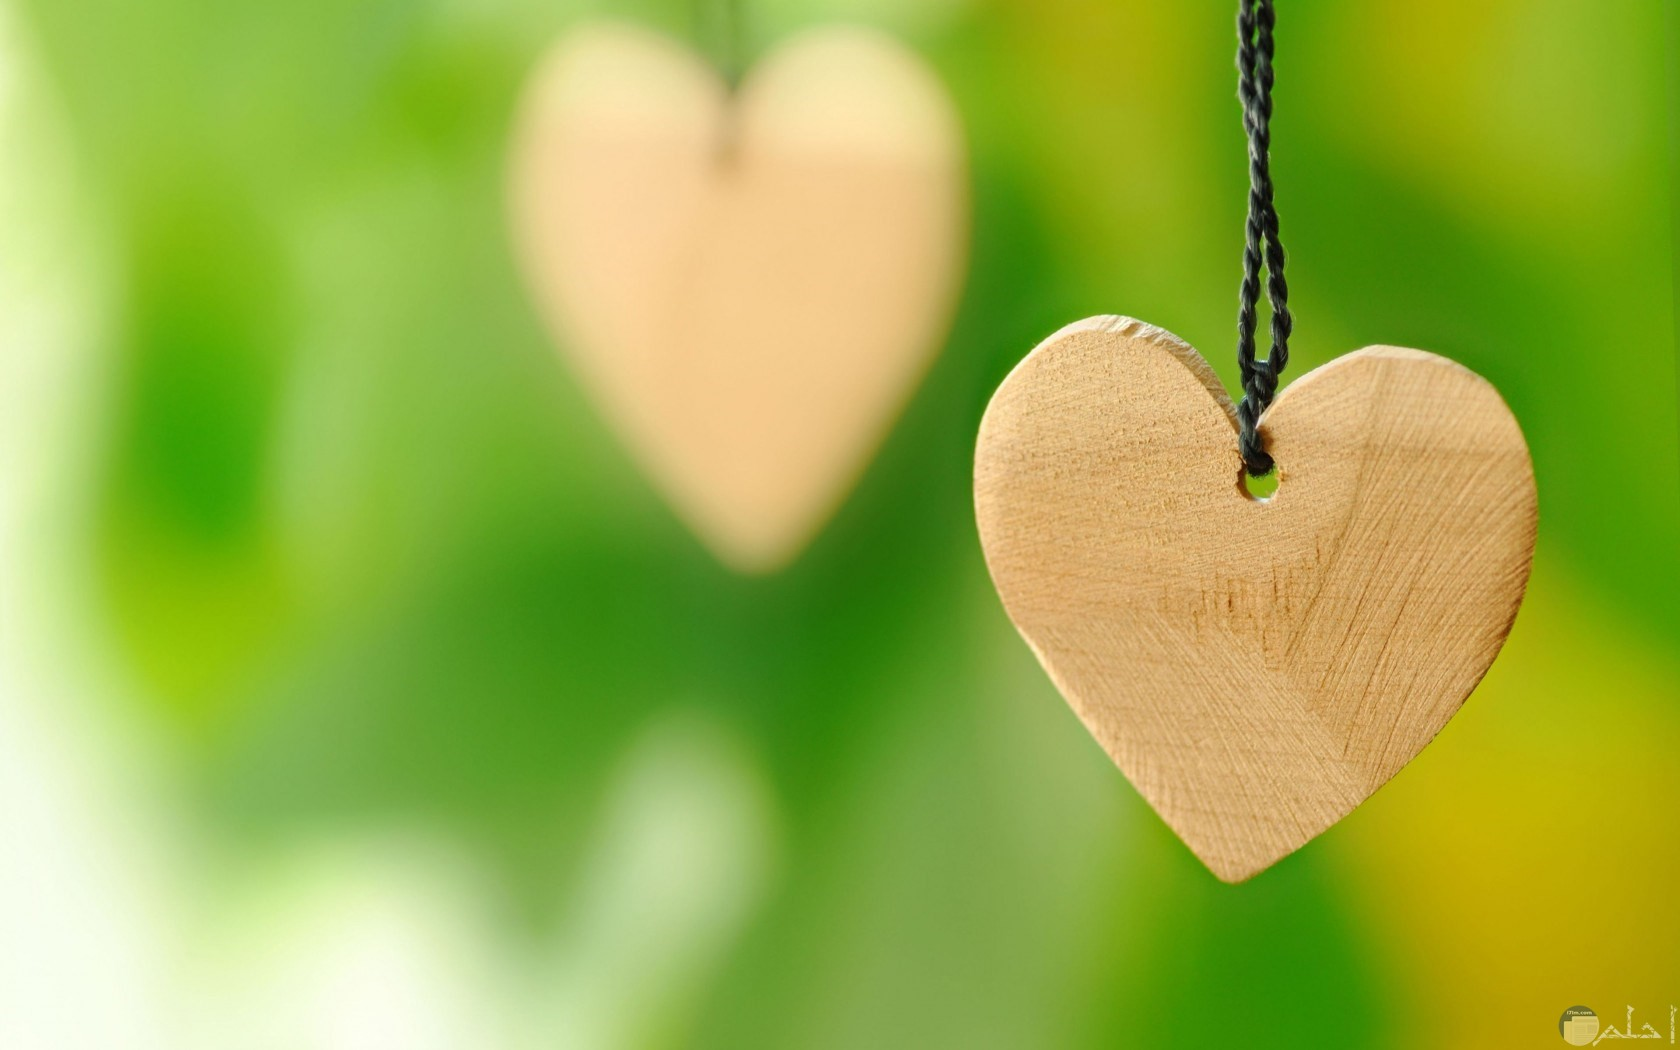 قلب مرسوم بالخشب معلق